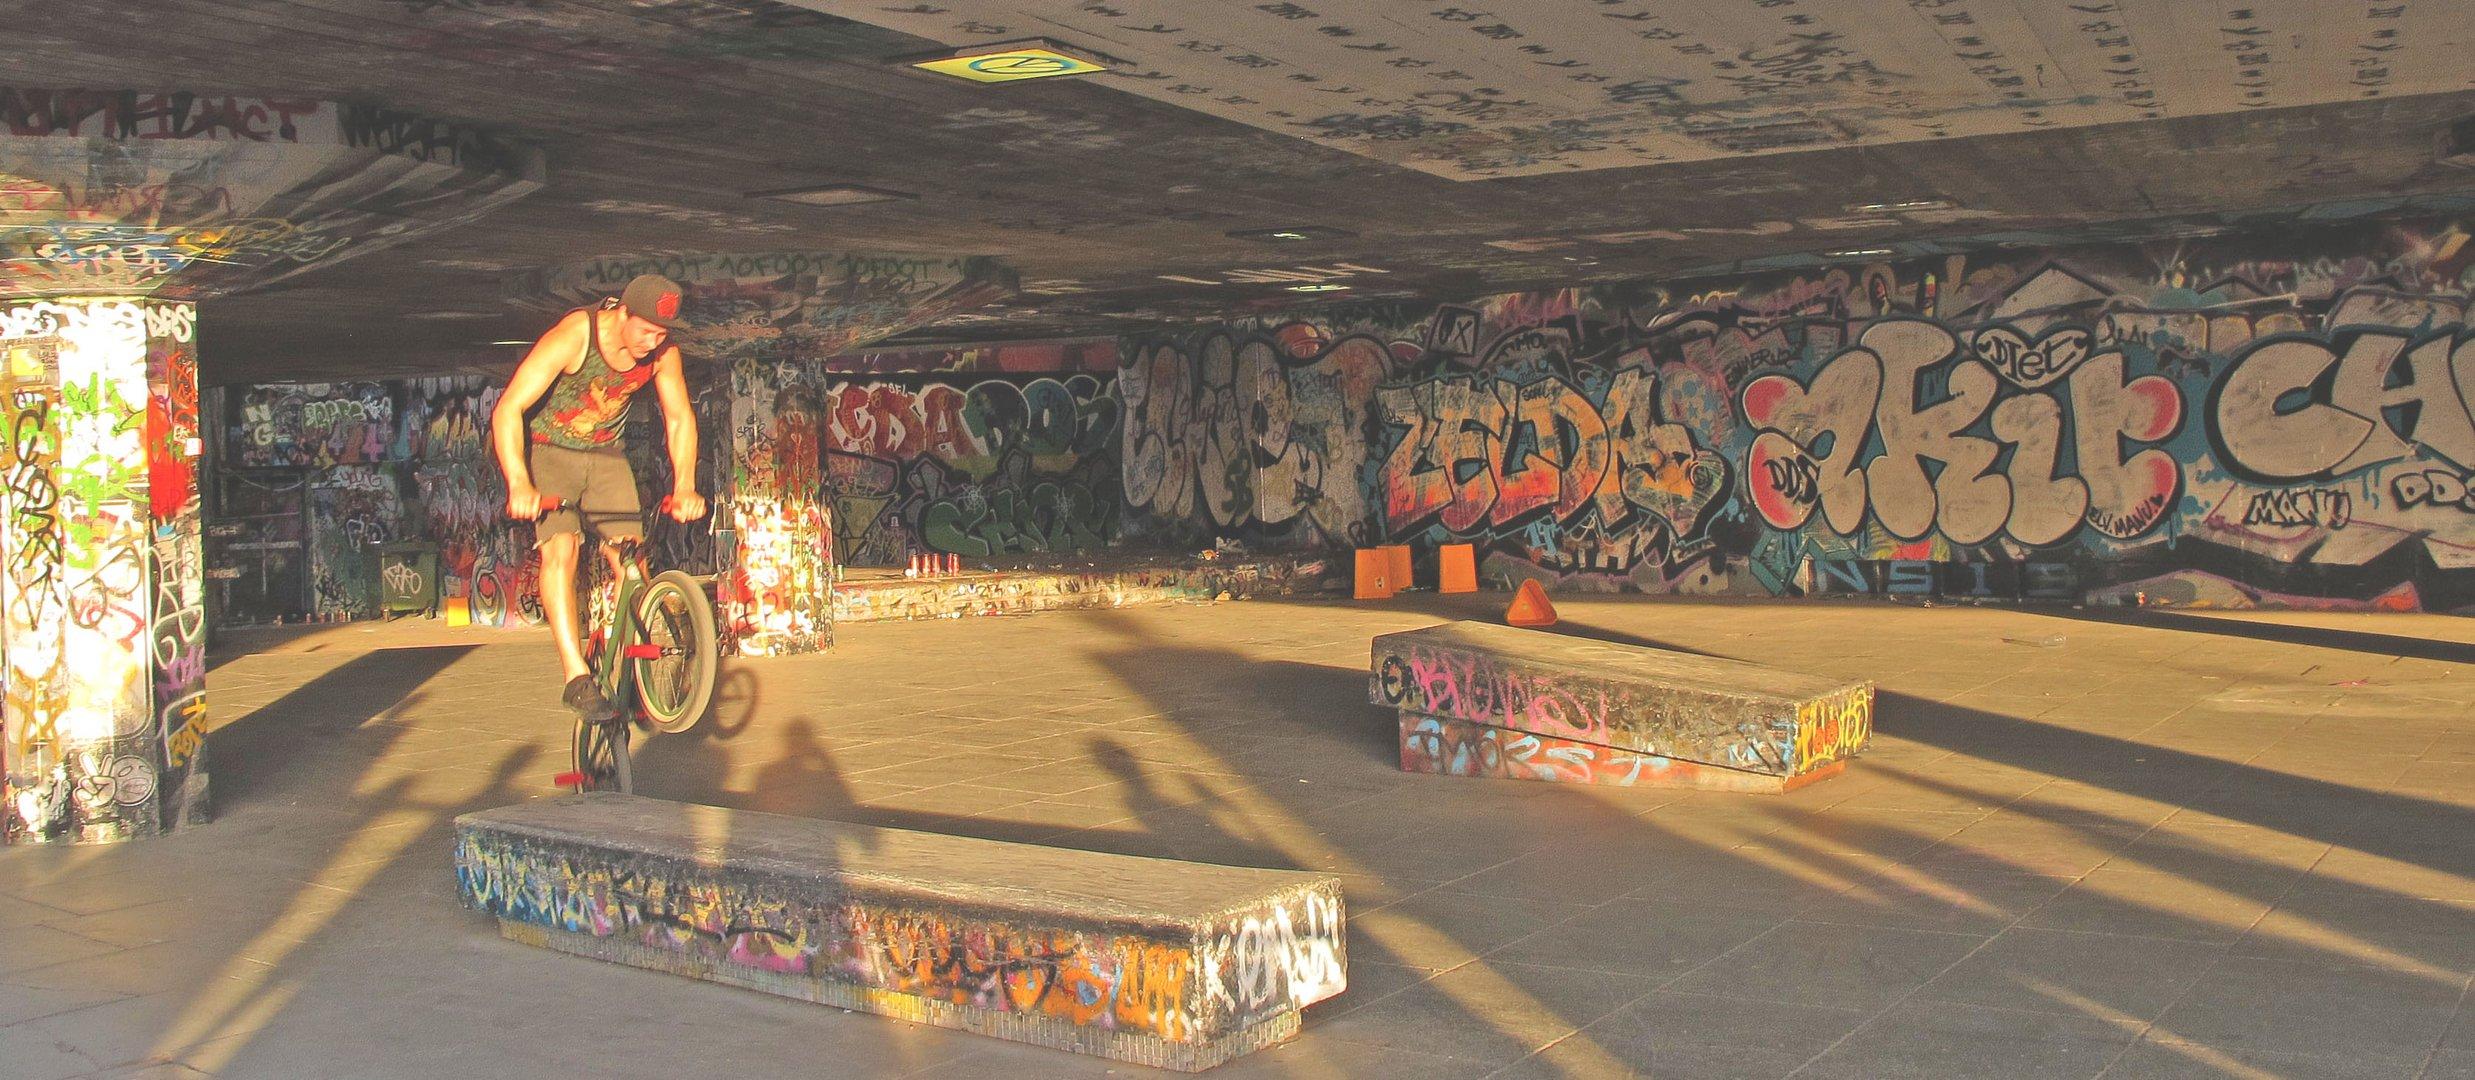 Tummelplatz für Skater und Biker